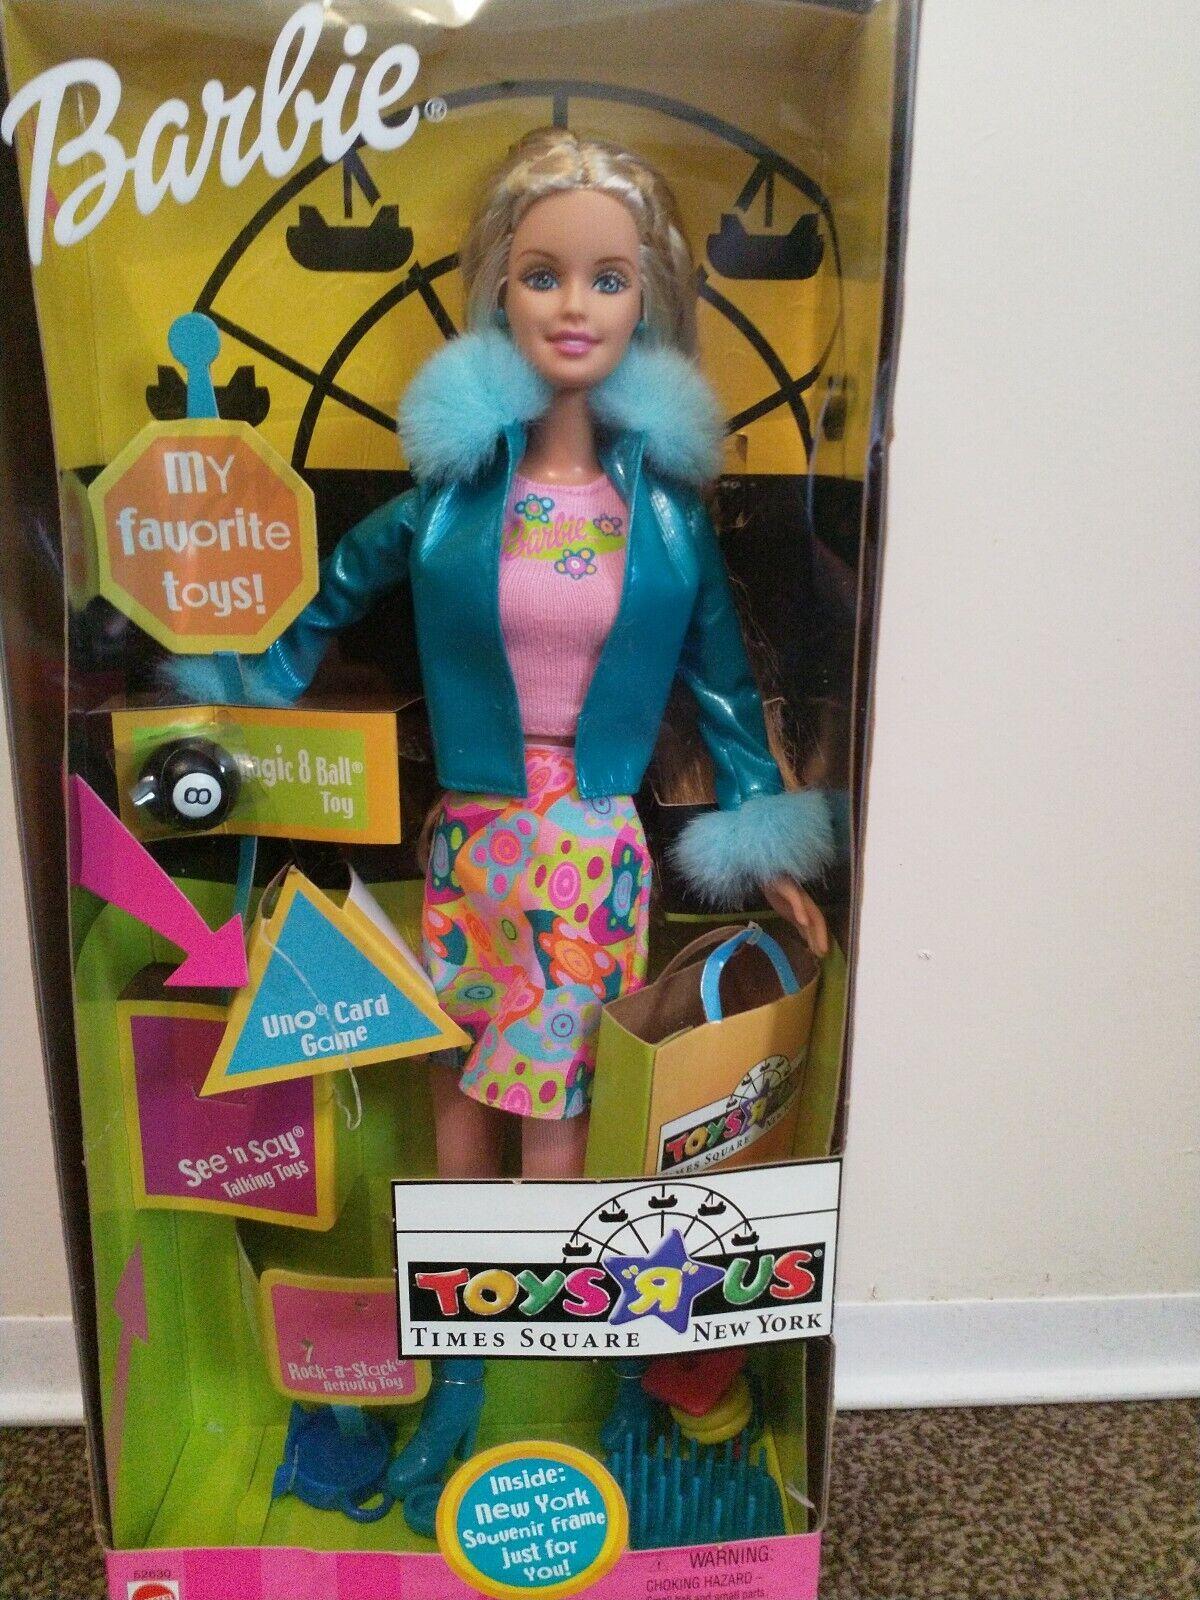 2001  Barbie giocattoli R Us Times Square nuovo York bambola Nuovo di zecca con scatola  negozio di sconto